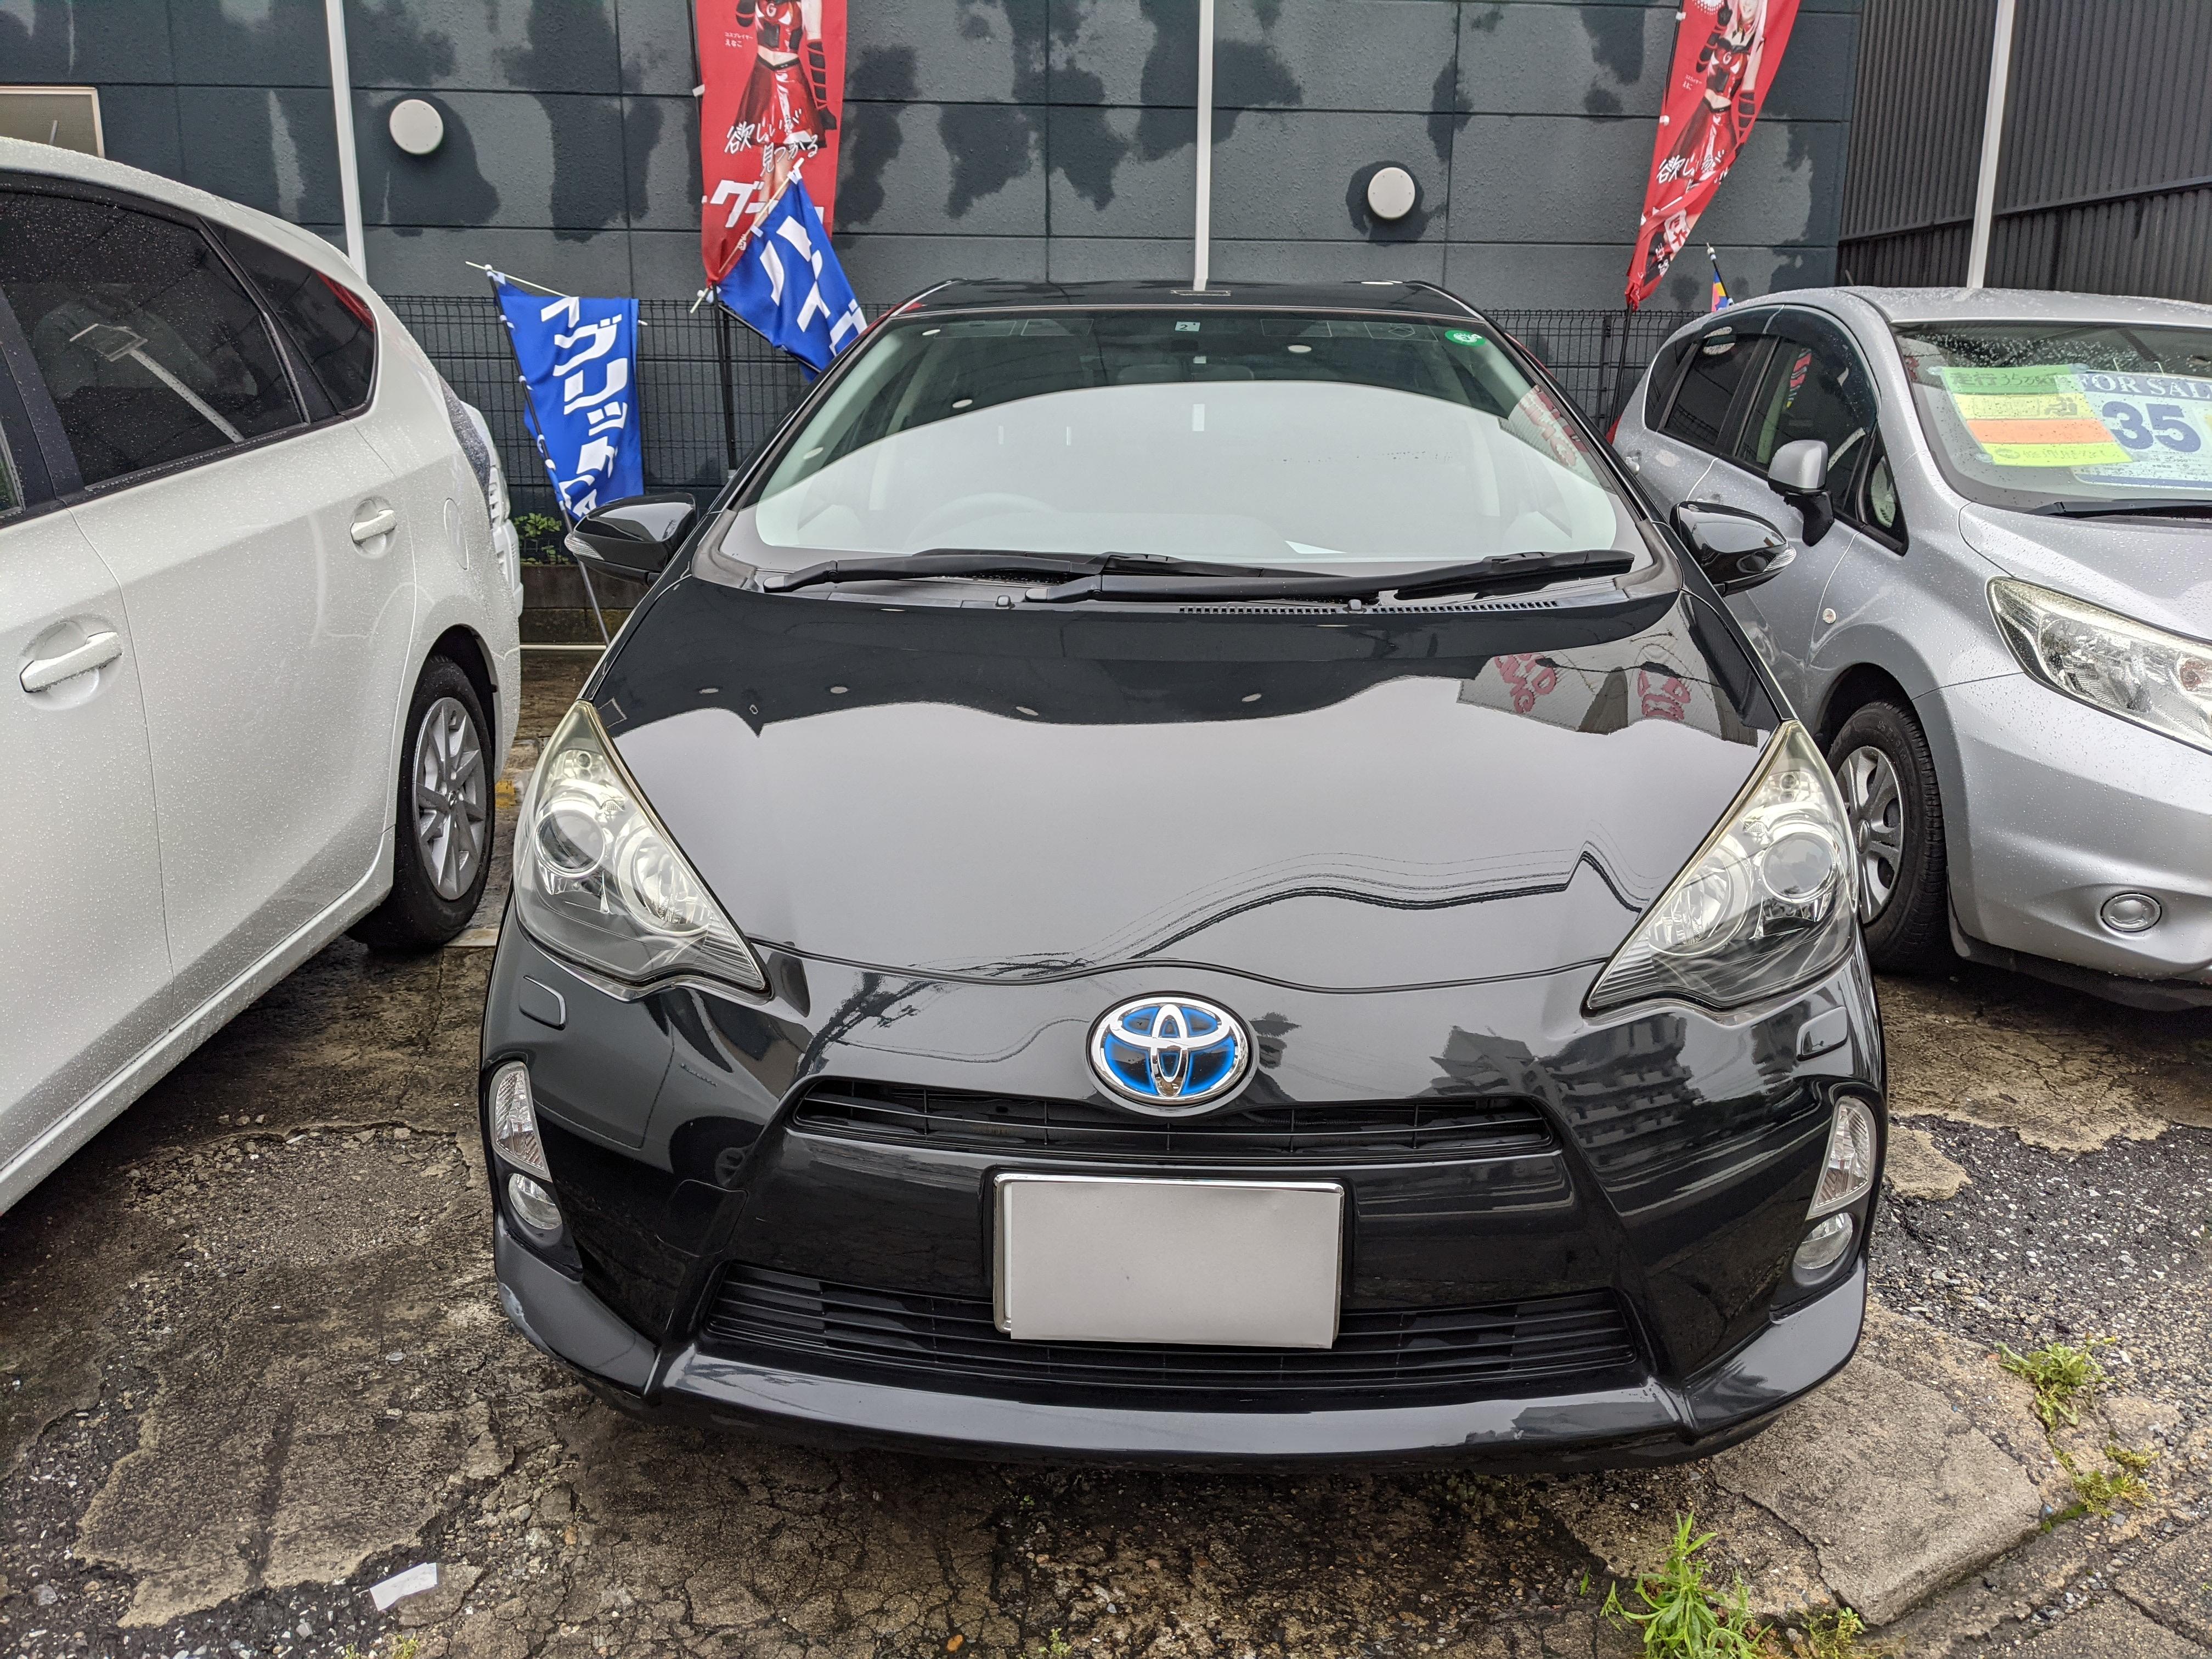 トヨタアクア5ドアS スマートエントリーPKGの車両写真 その3